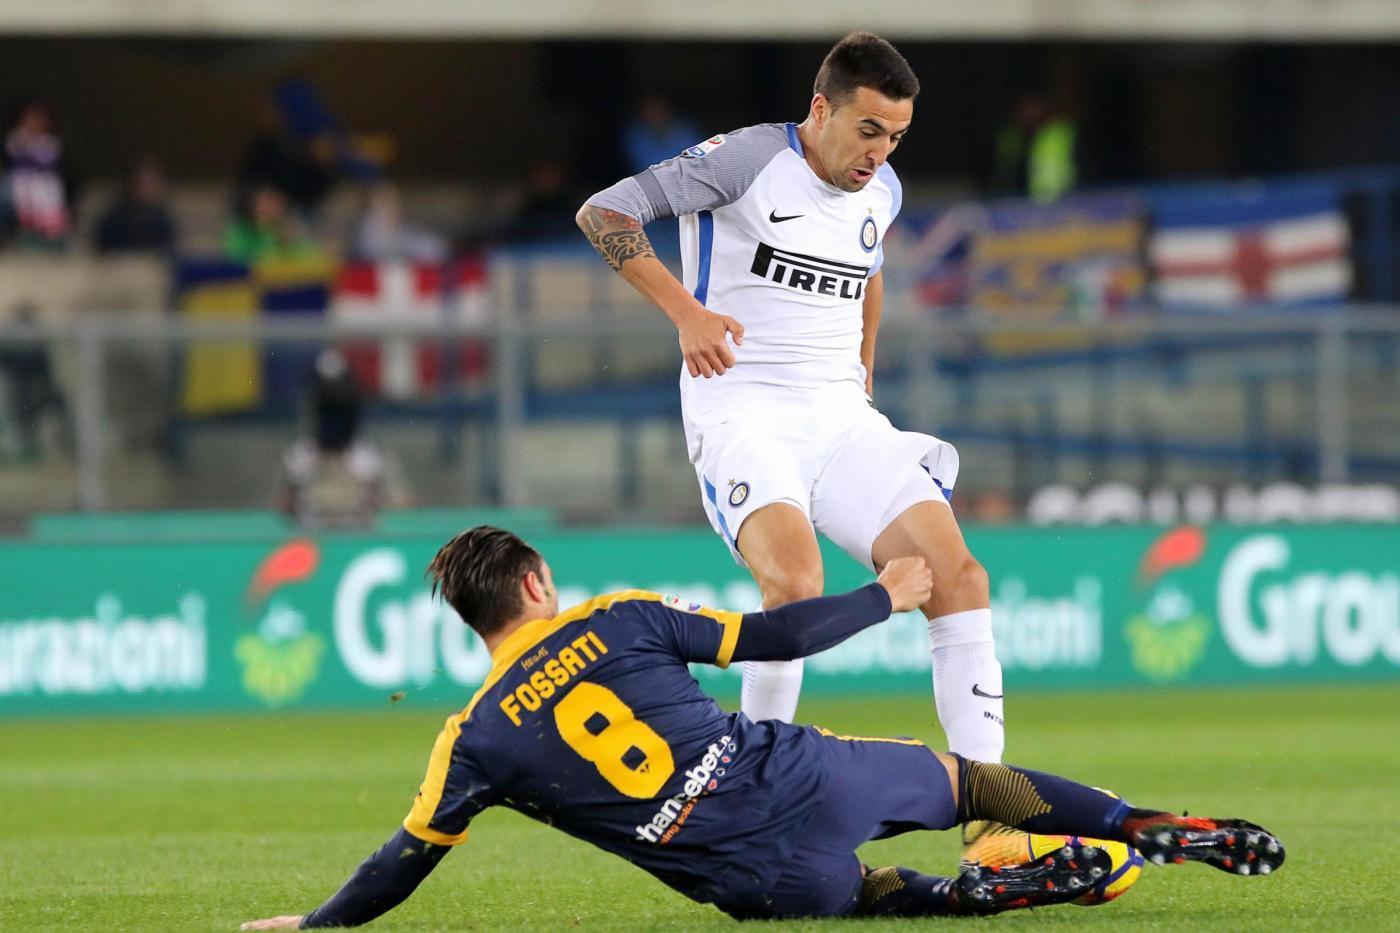 Serie A, Verona-Inter 1-2: decidono B. Valero e Perisic